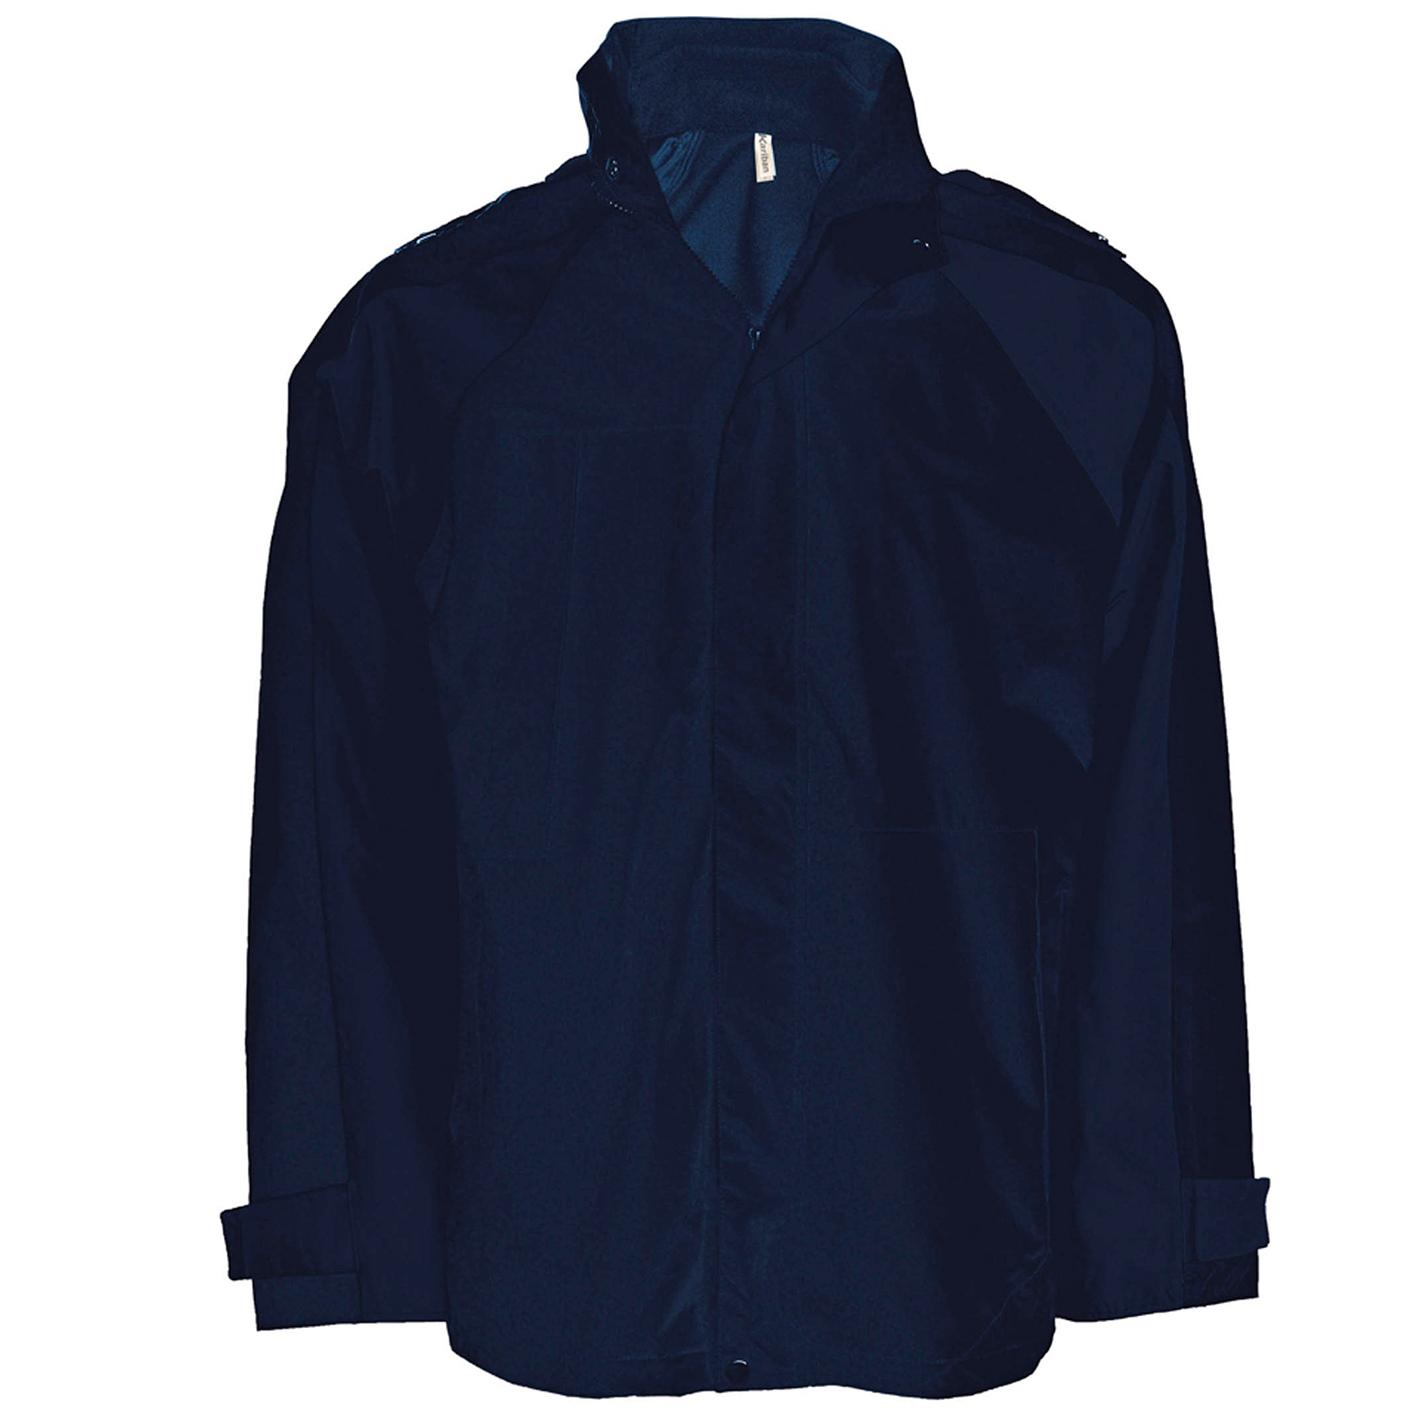 Kariban Mens 3-in-1 Waterproof Performance Jacket (2XL) (Navy)